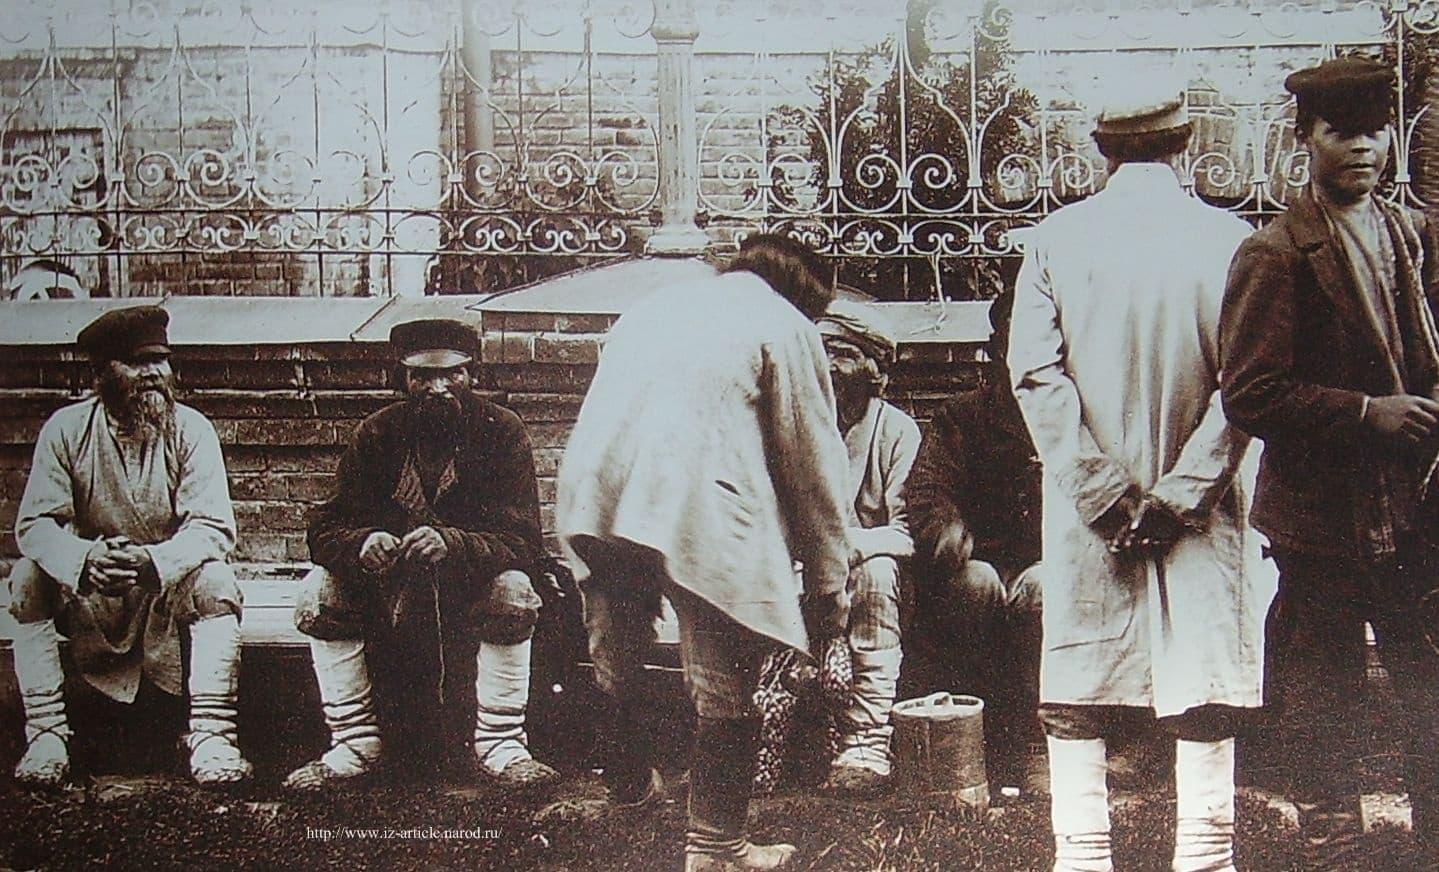 Группа удмуртов в базарный день на Соборной площади. Глазов. Снимок 1910-1914 гг. Фотограф Молчанов П.